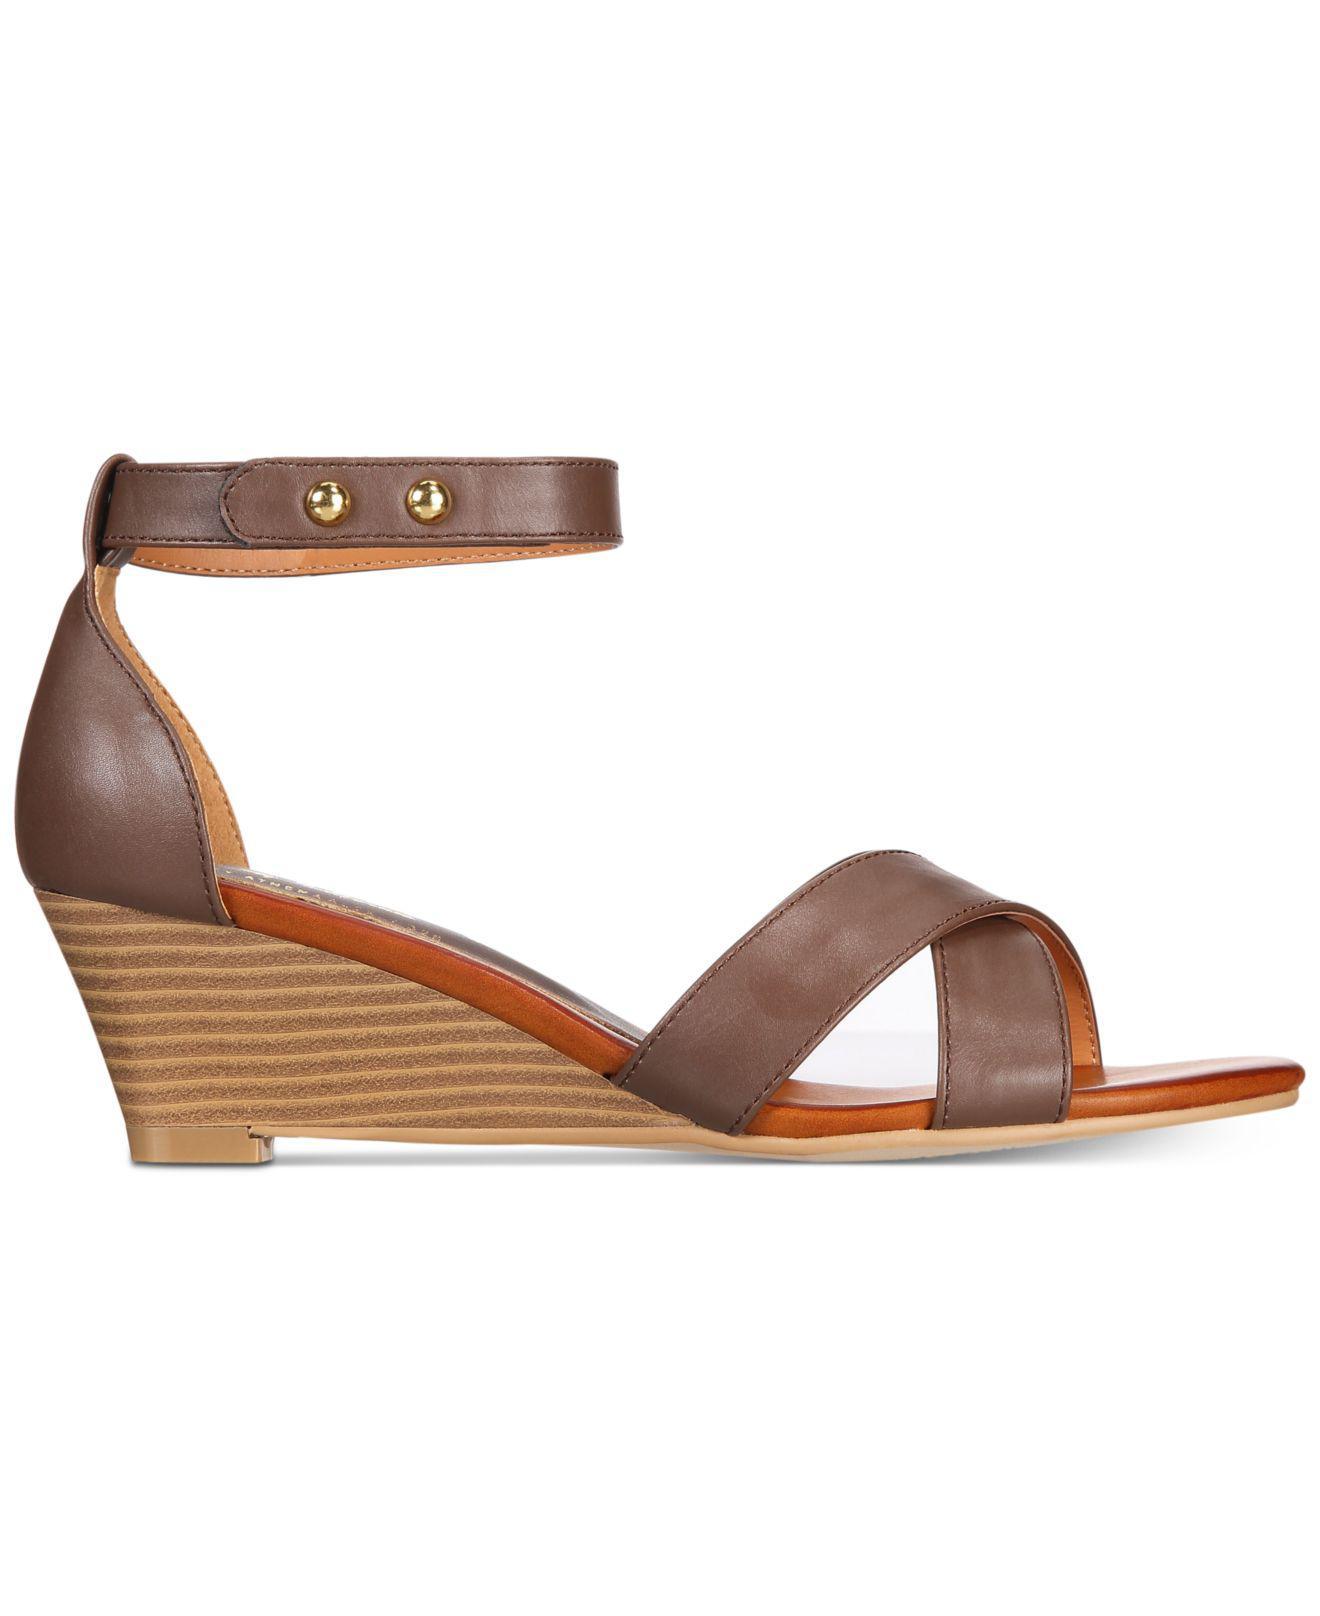 51bb2f6bcd5f Lyst - Callisto Kallie Wedge Sandals in Brown